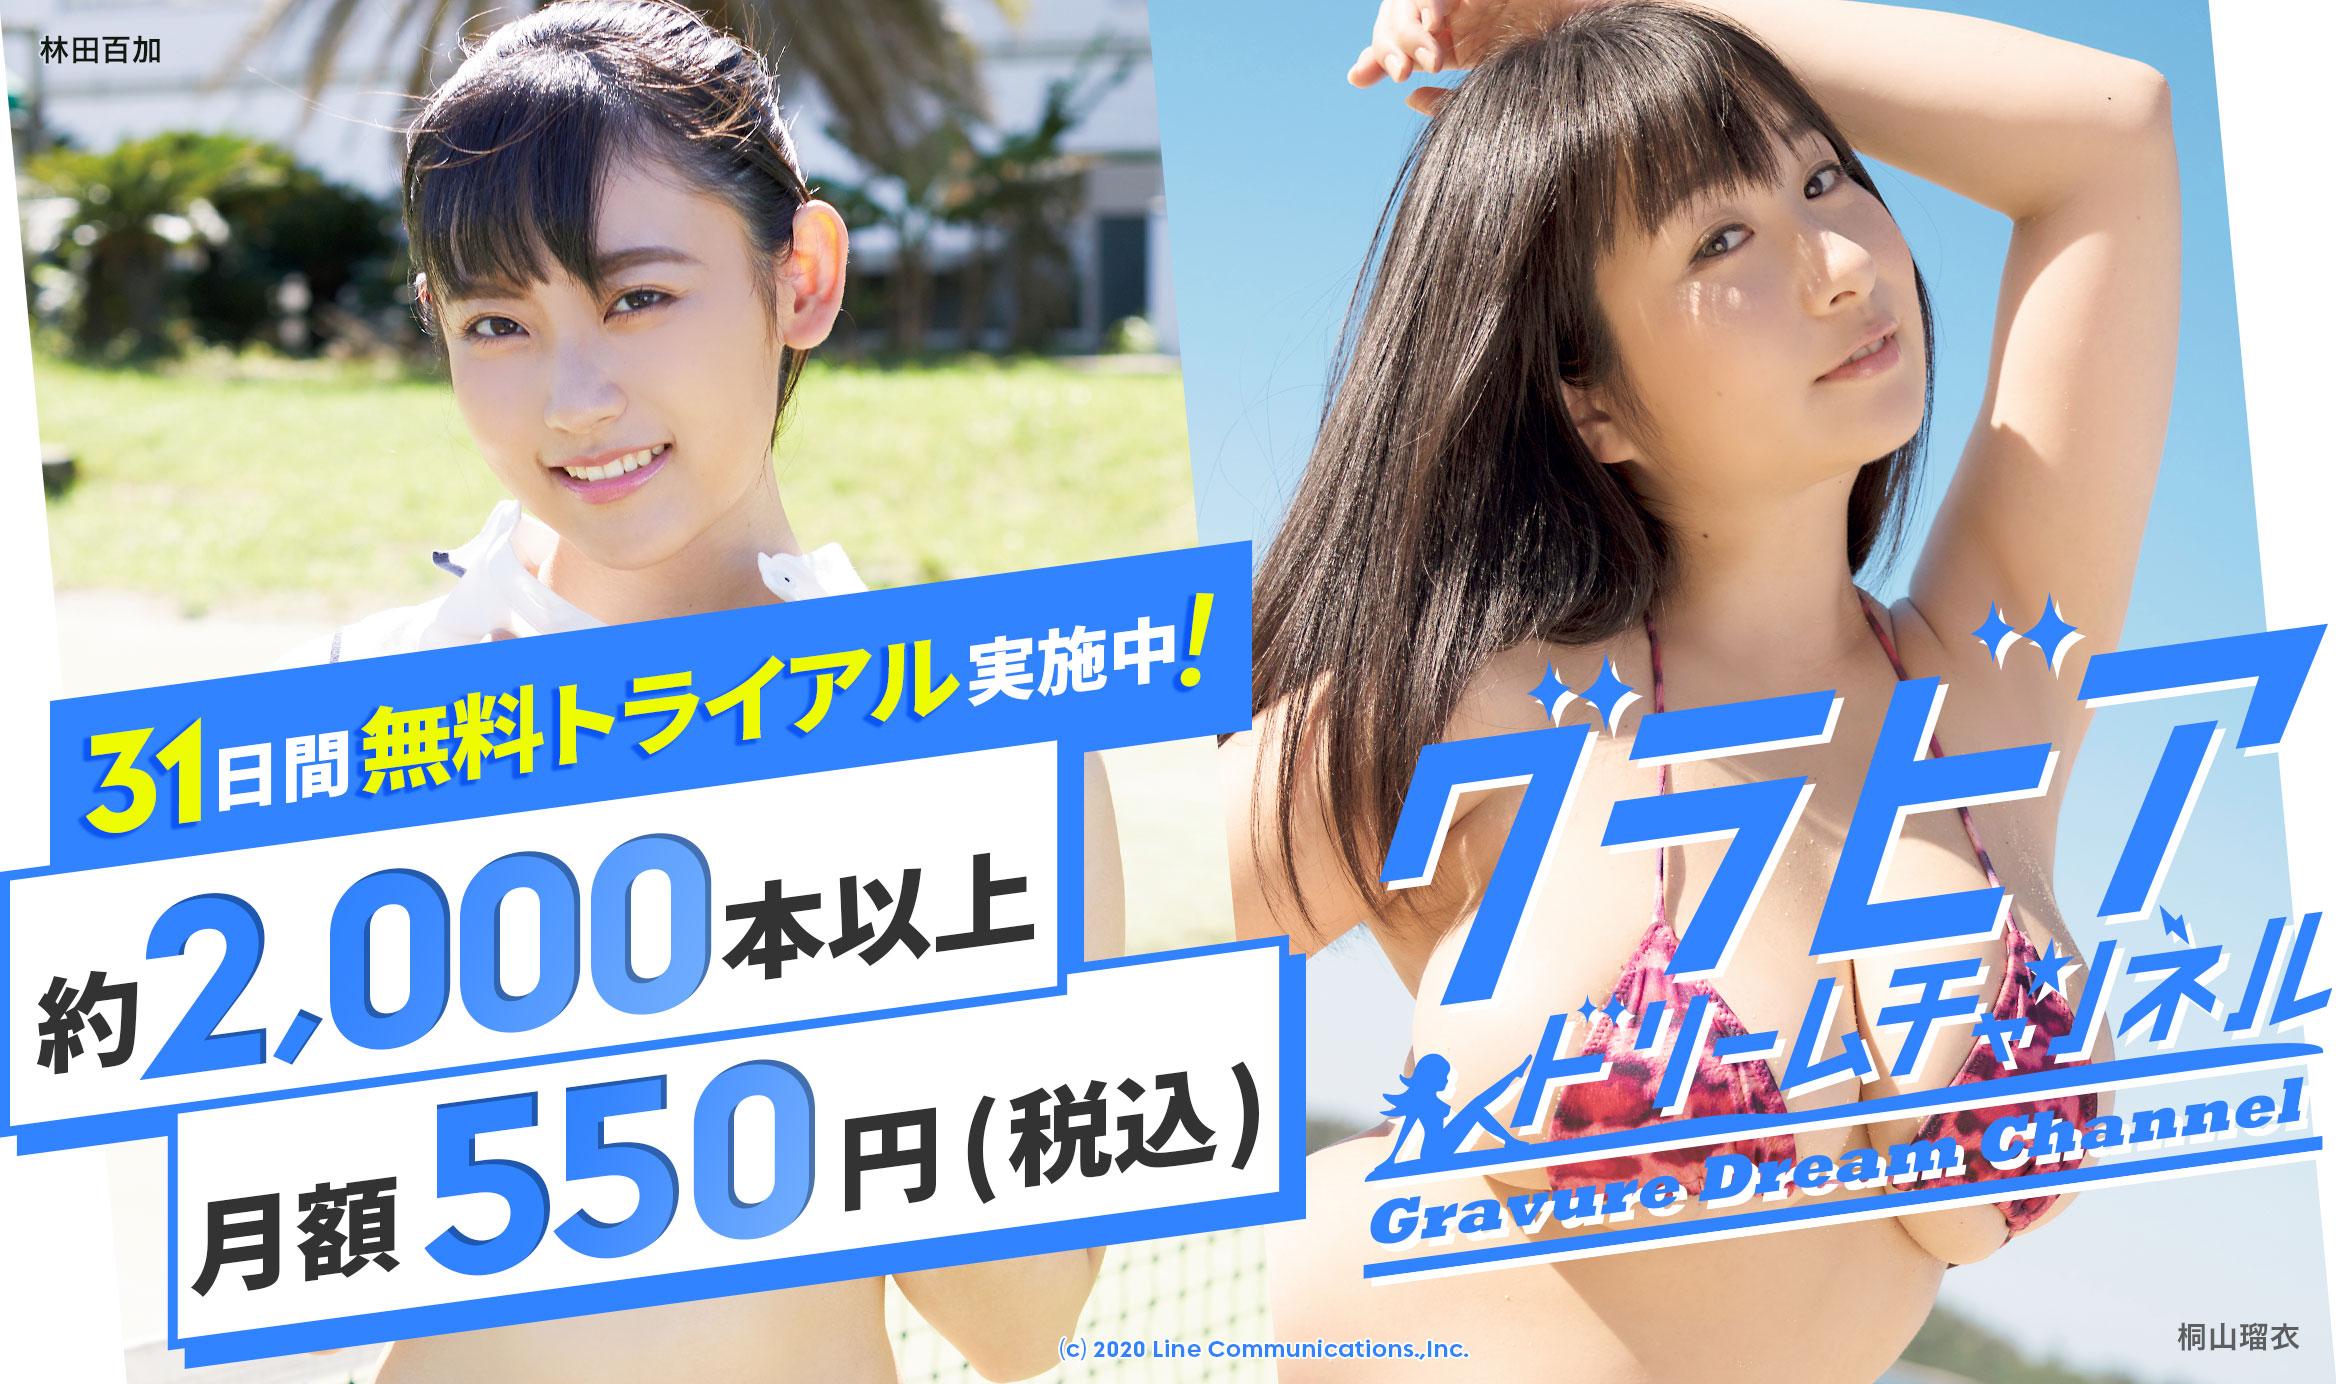 壇蜜、磯山さやか、篠崎愛、ゆきぽよ、森咲智美、中村静香など人気グラドルのセクシー動画が月額550円